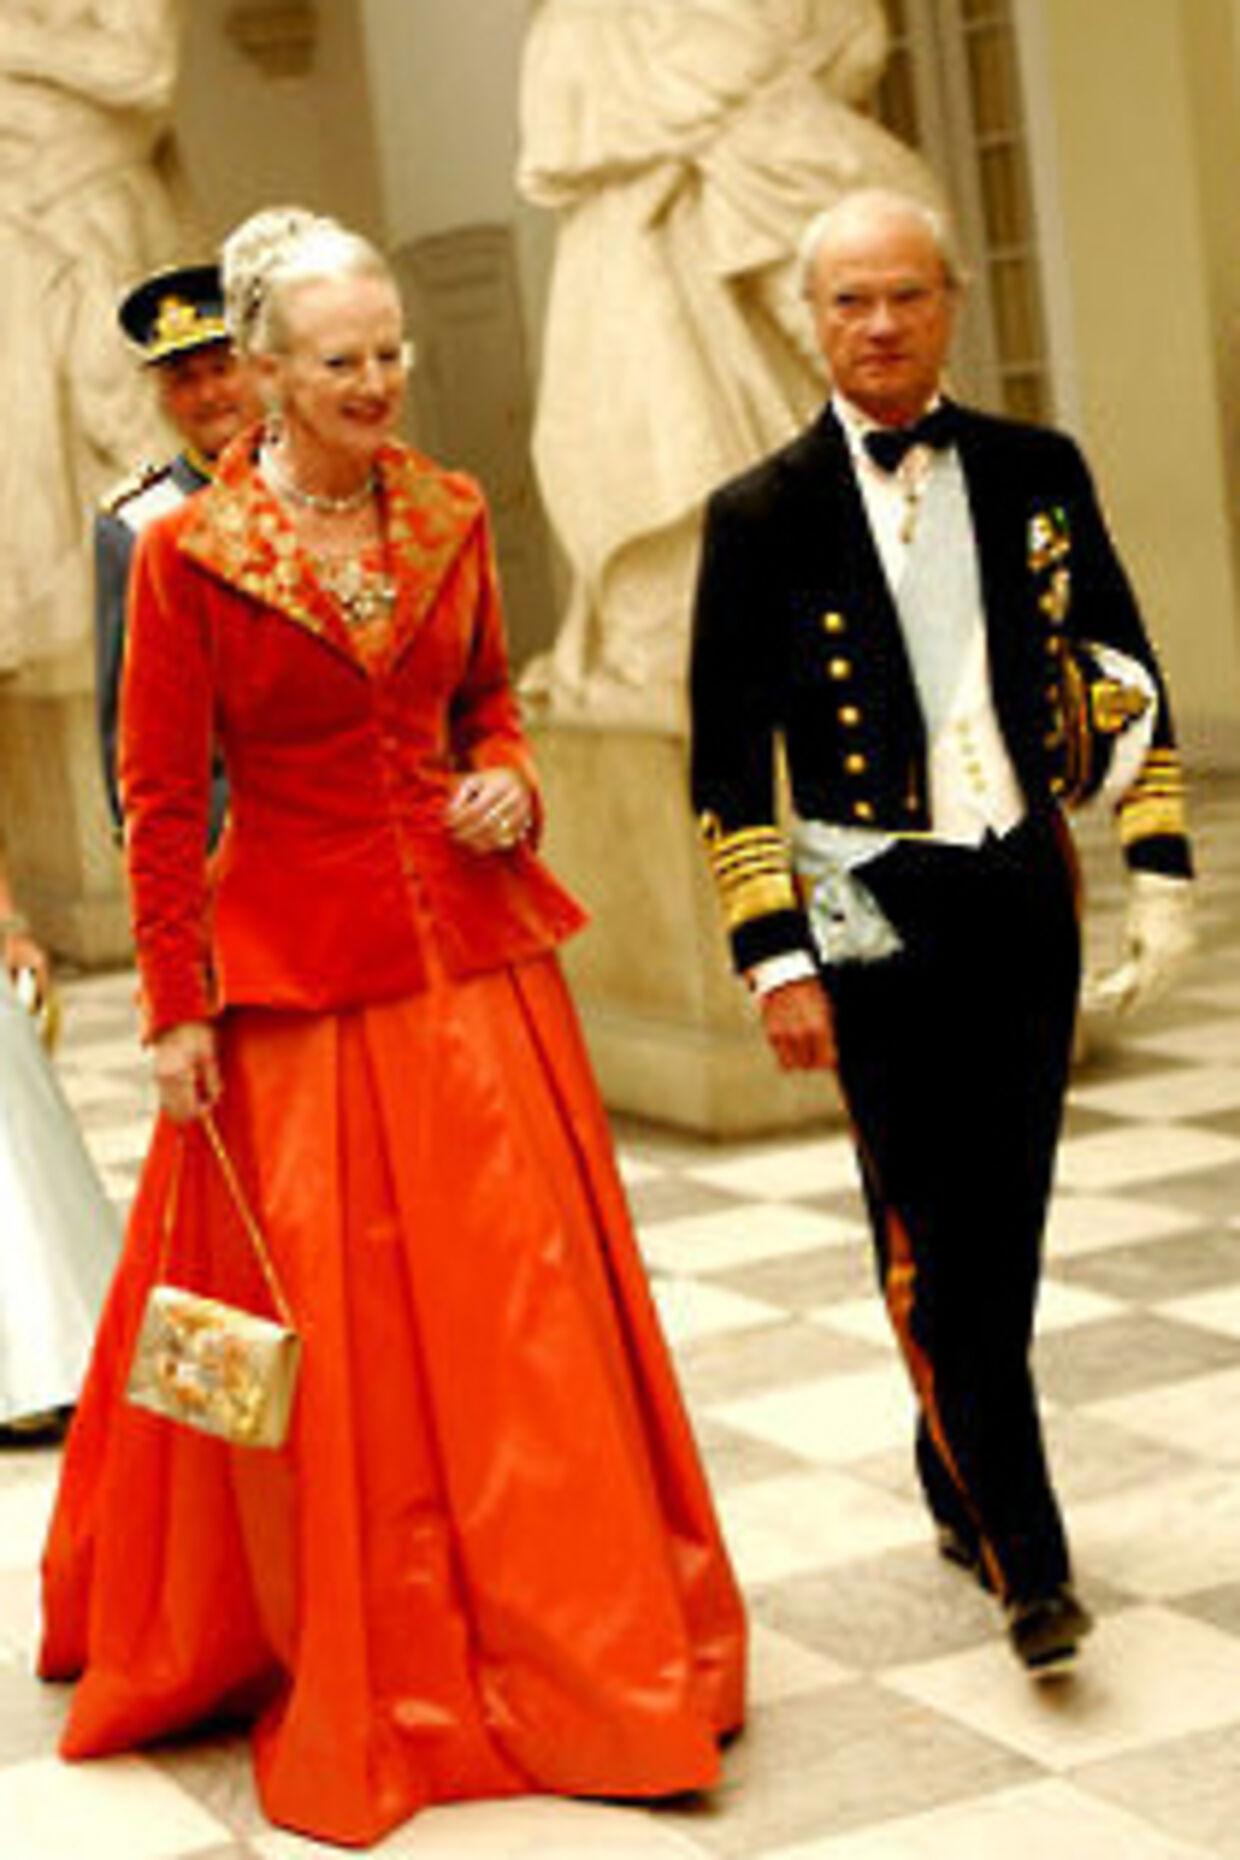 sveriges konge og dronning